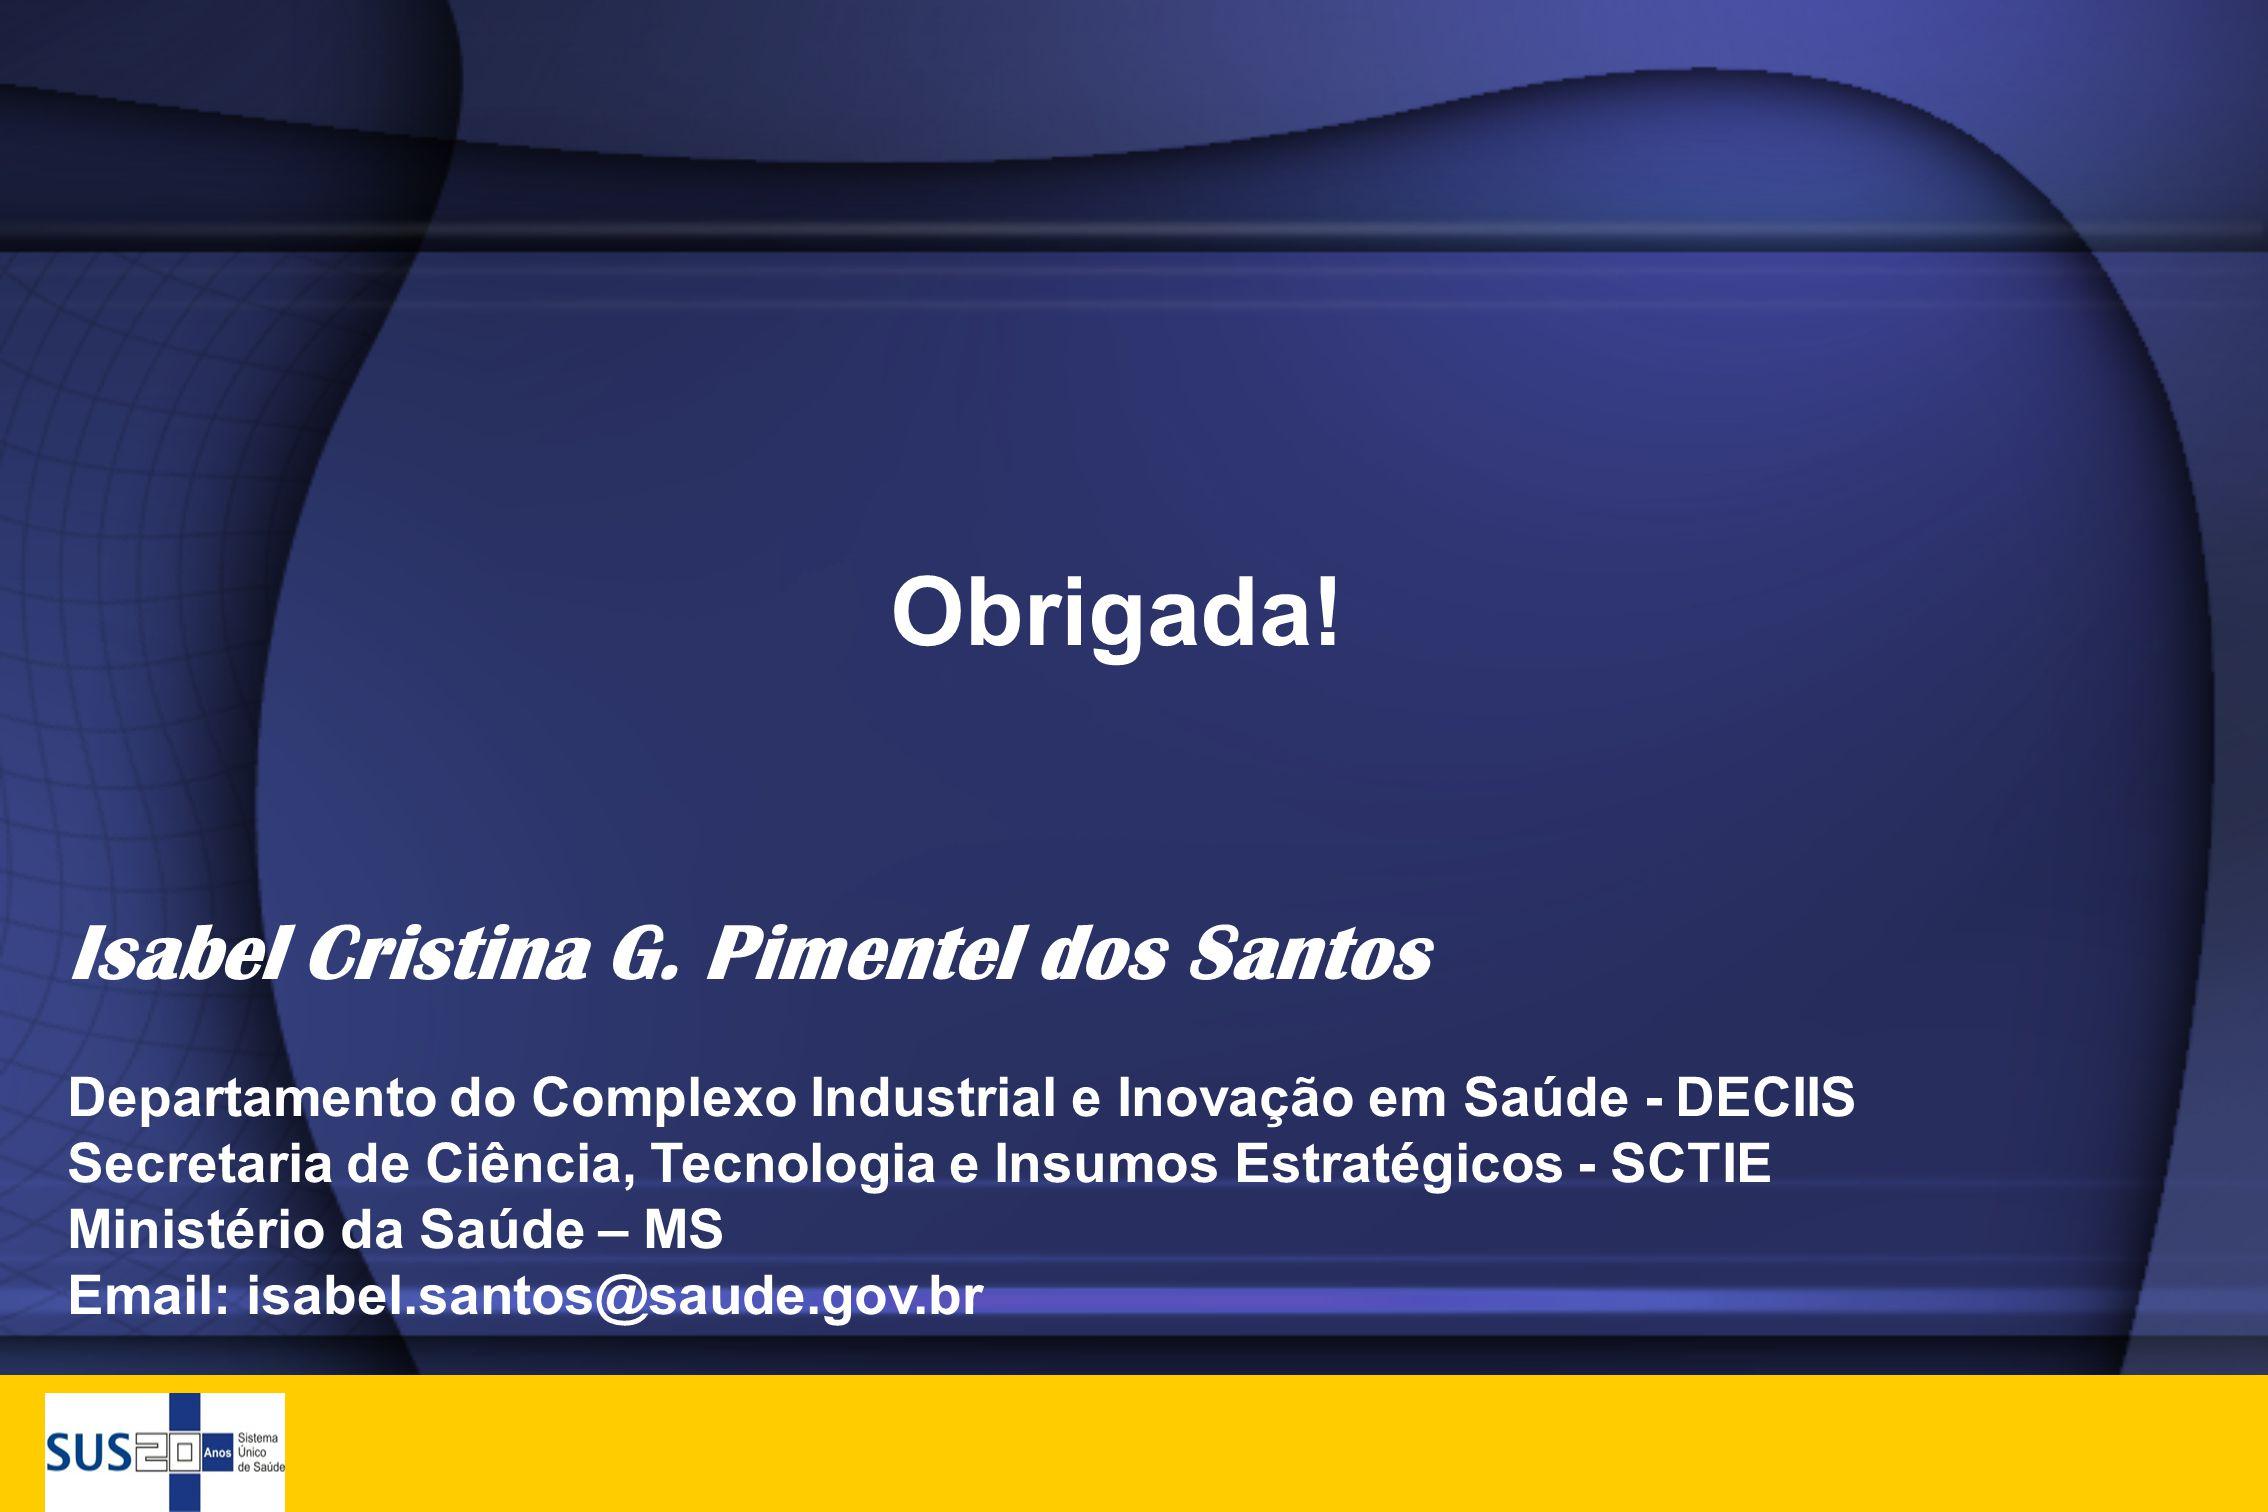 Obrigada! Isabel Cristina G. Pimentel dos Santos